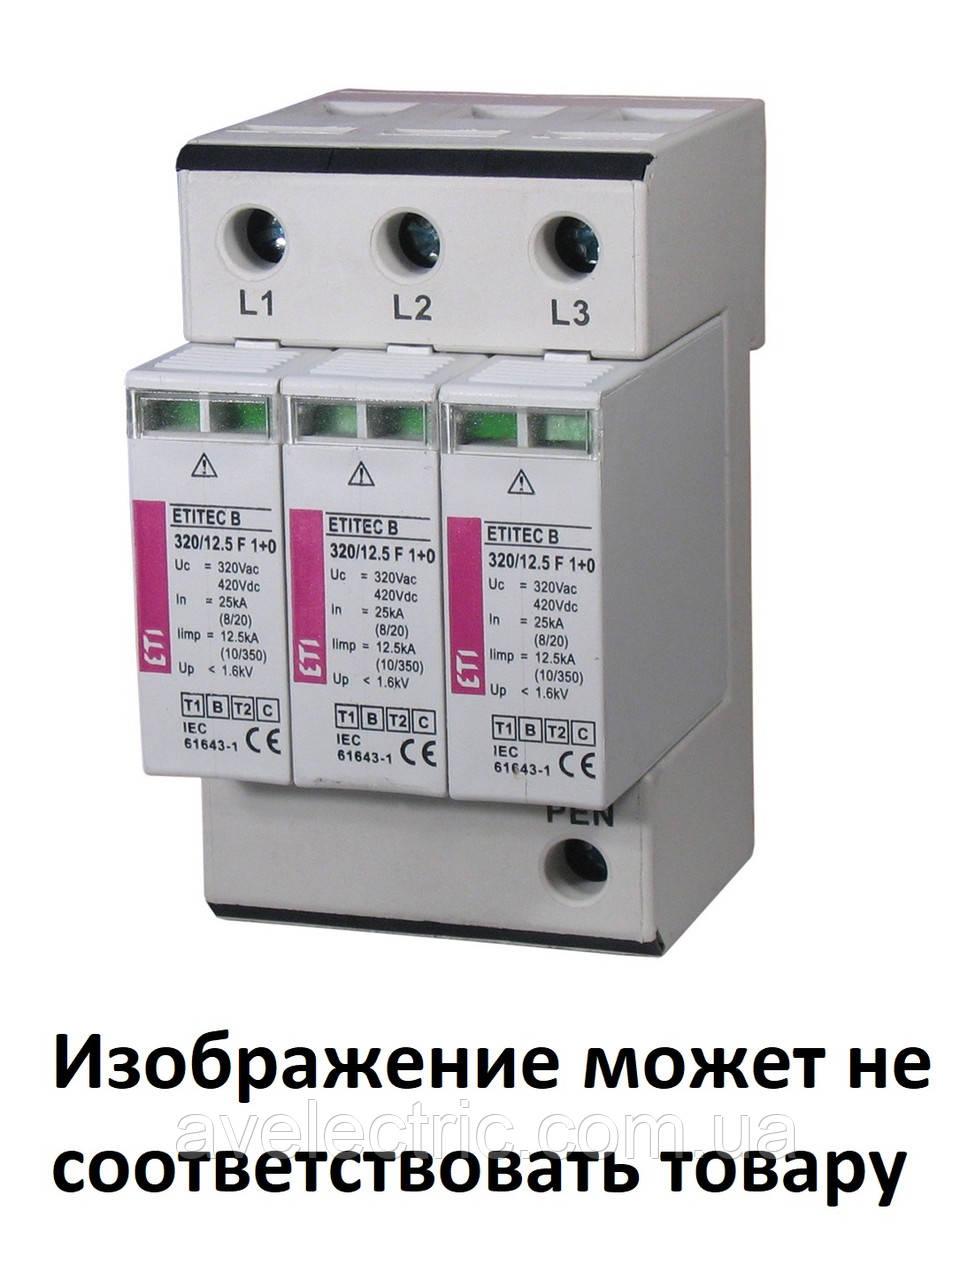 Ограничитель перенапряжения ETITEC S B 440/25 (3+0, 6p, TNC) RC